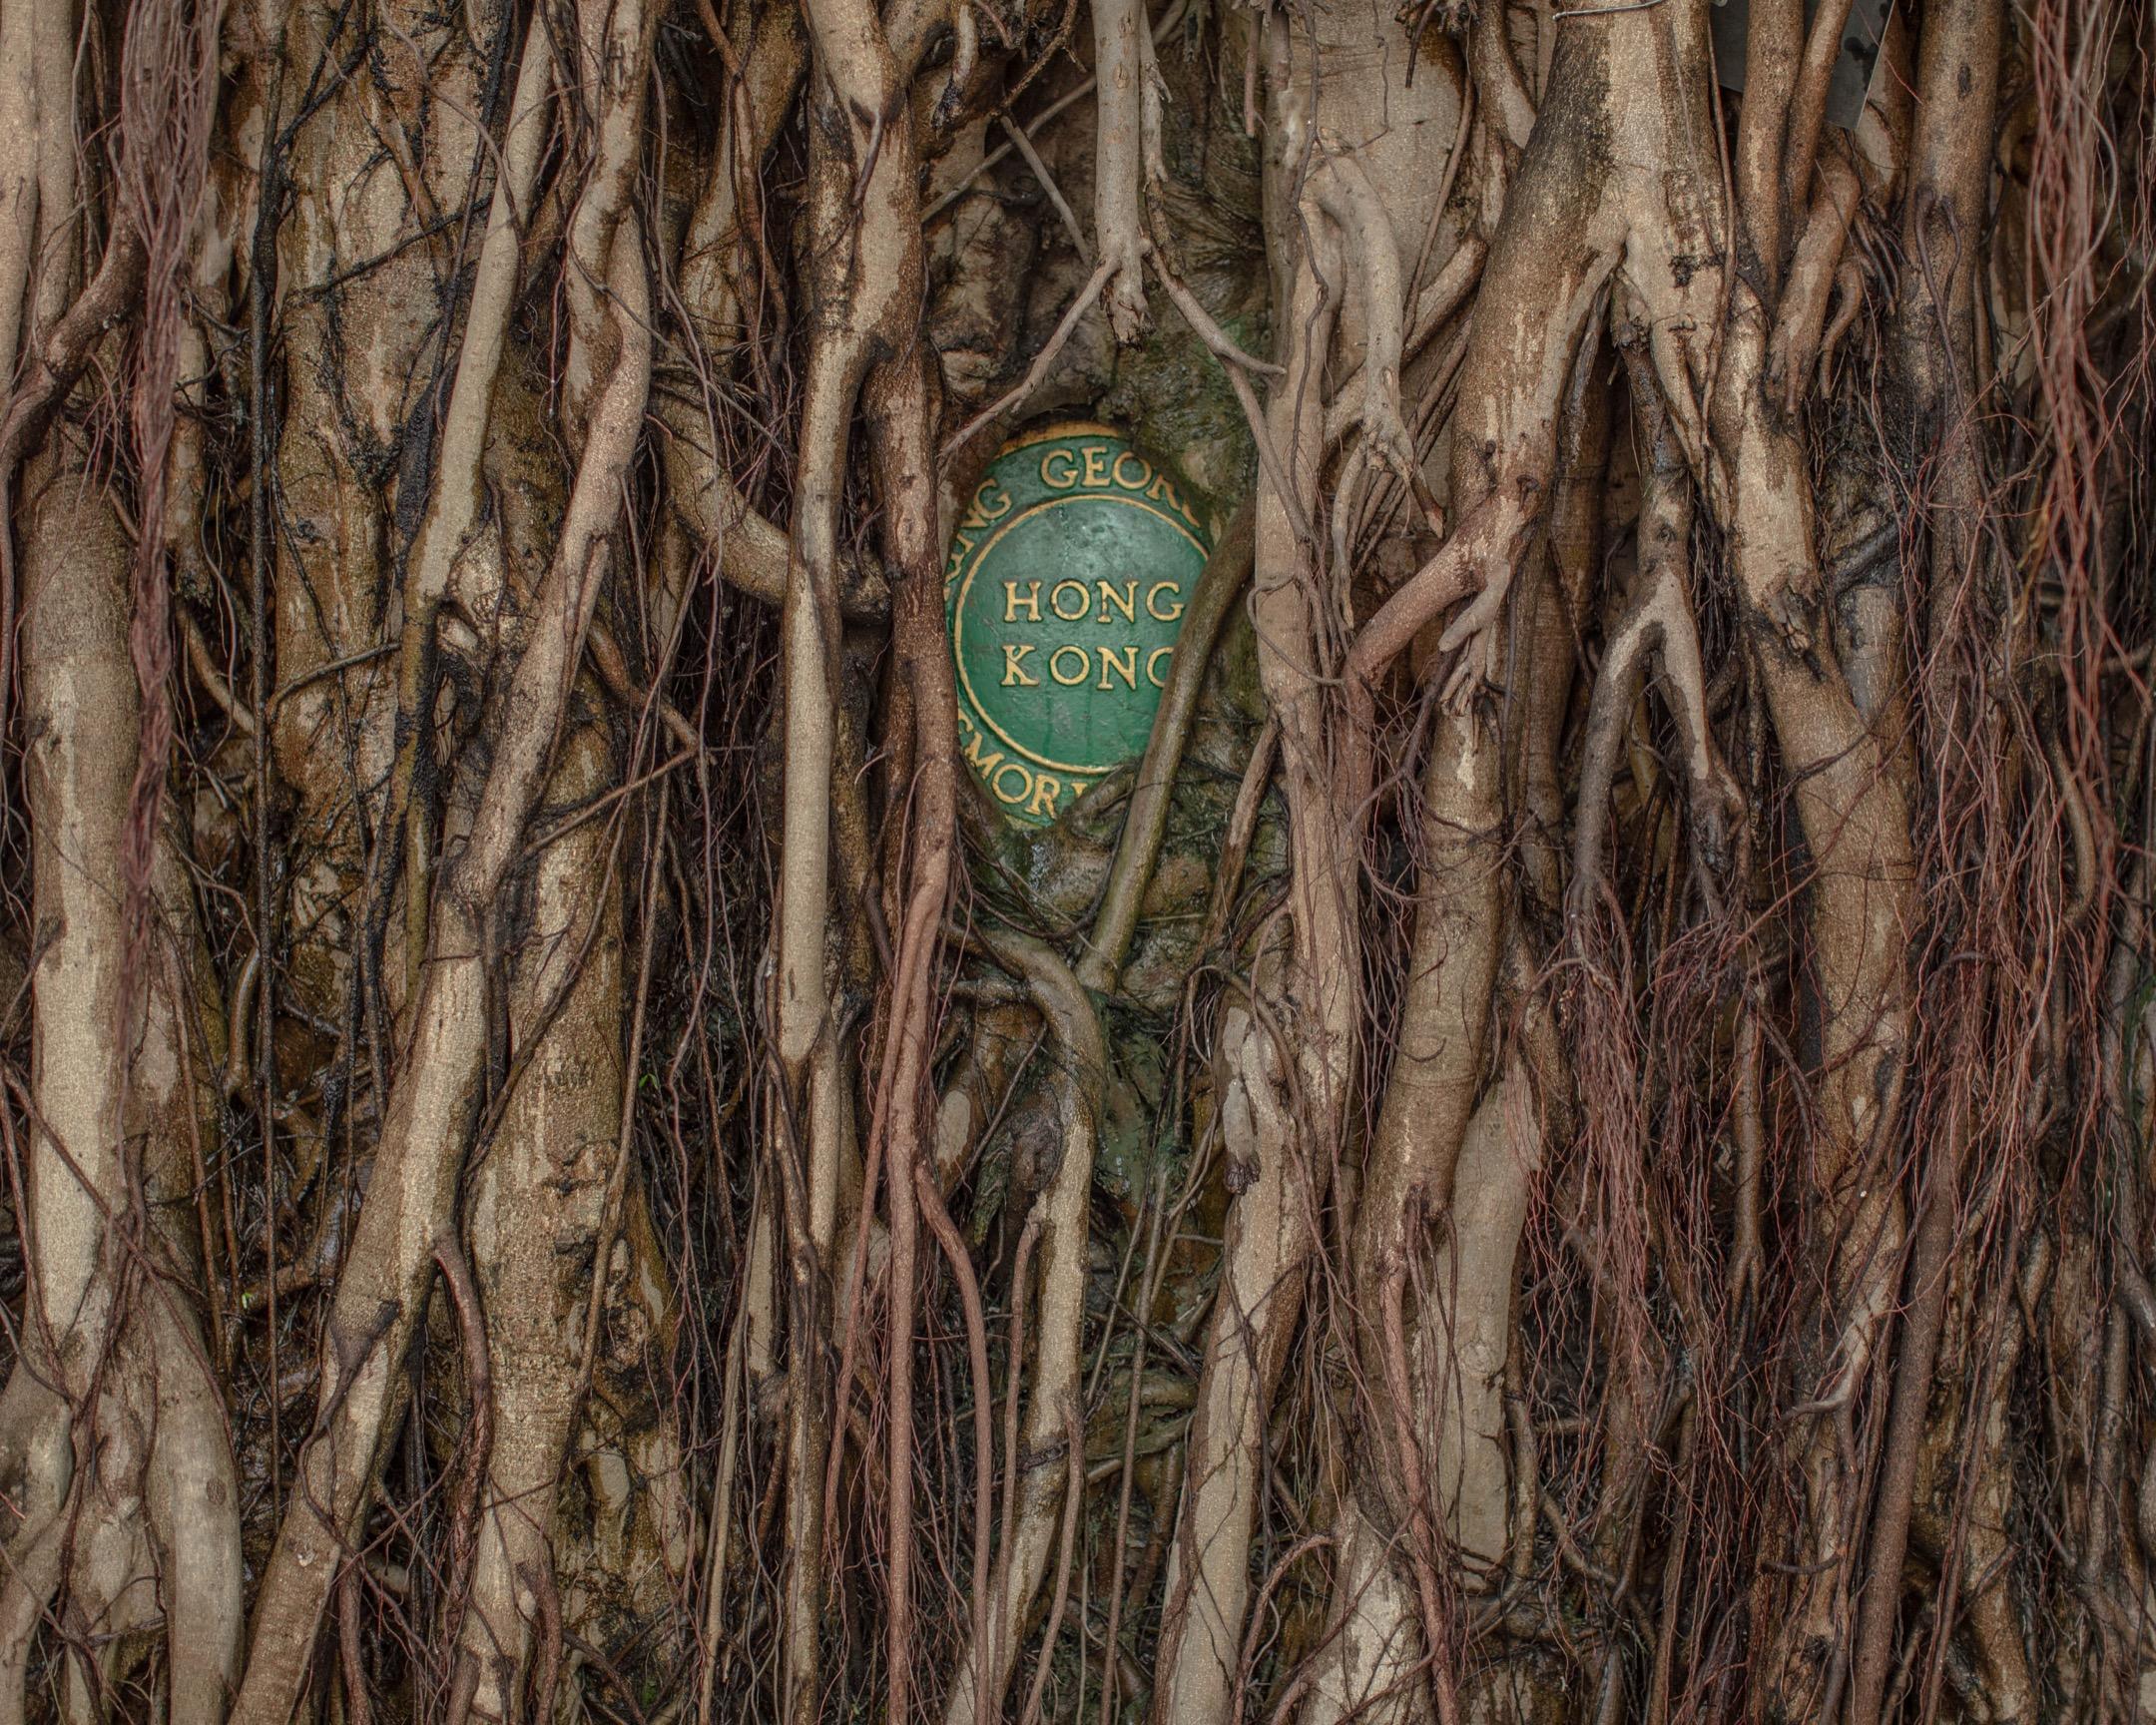 香港佐治五世紀念公園。 攝:Stanley Leung/端傳媒